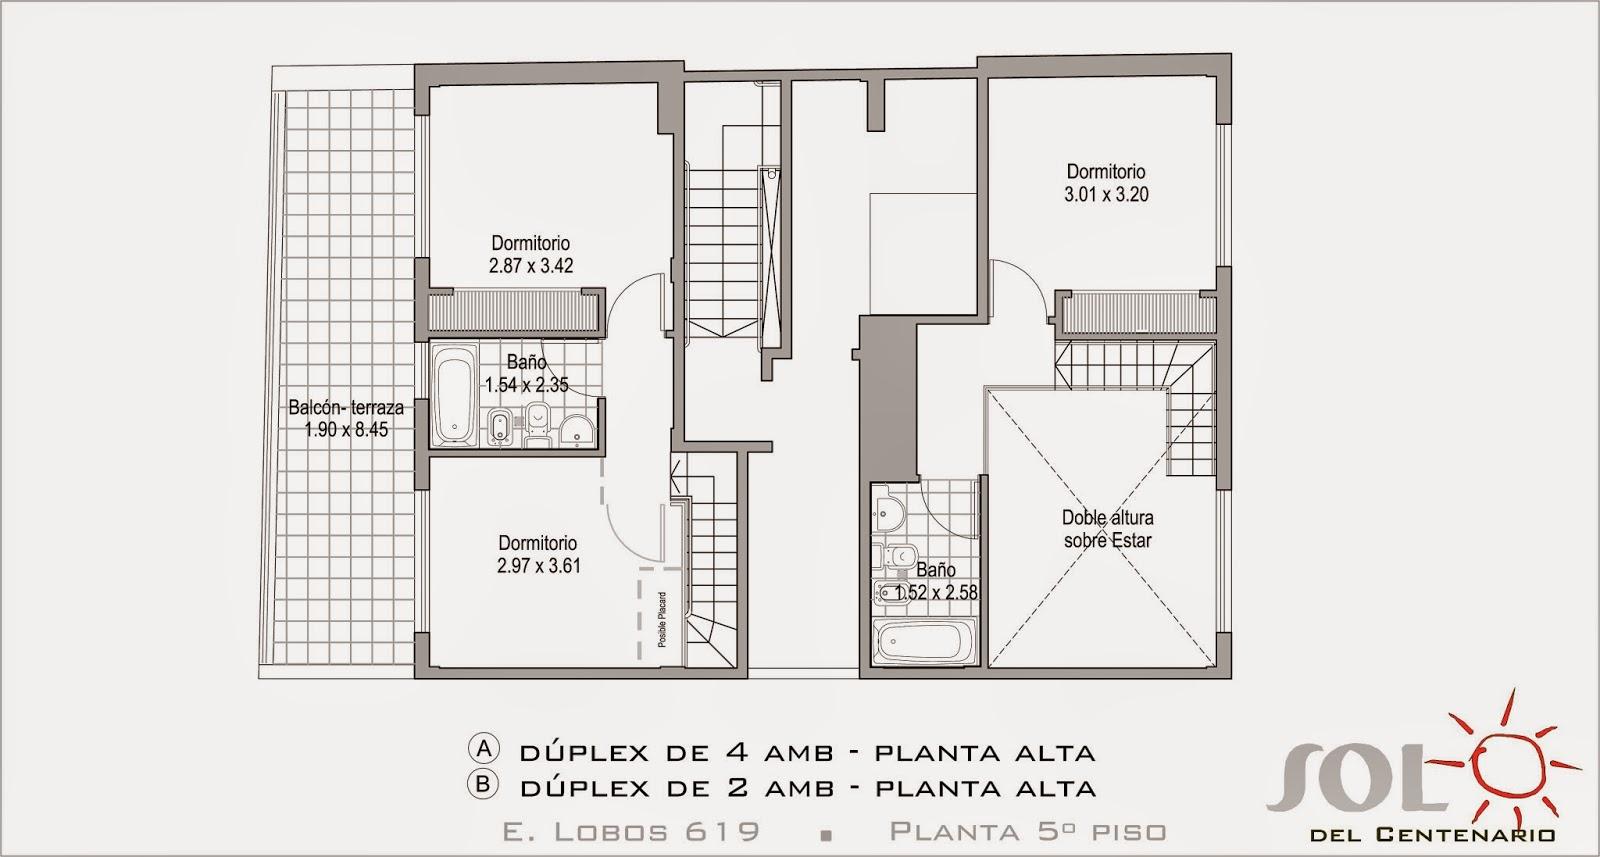 Edificio eleodoro lobos 619 - Ventilacion forzada banos ...